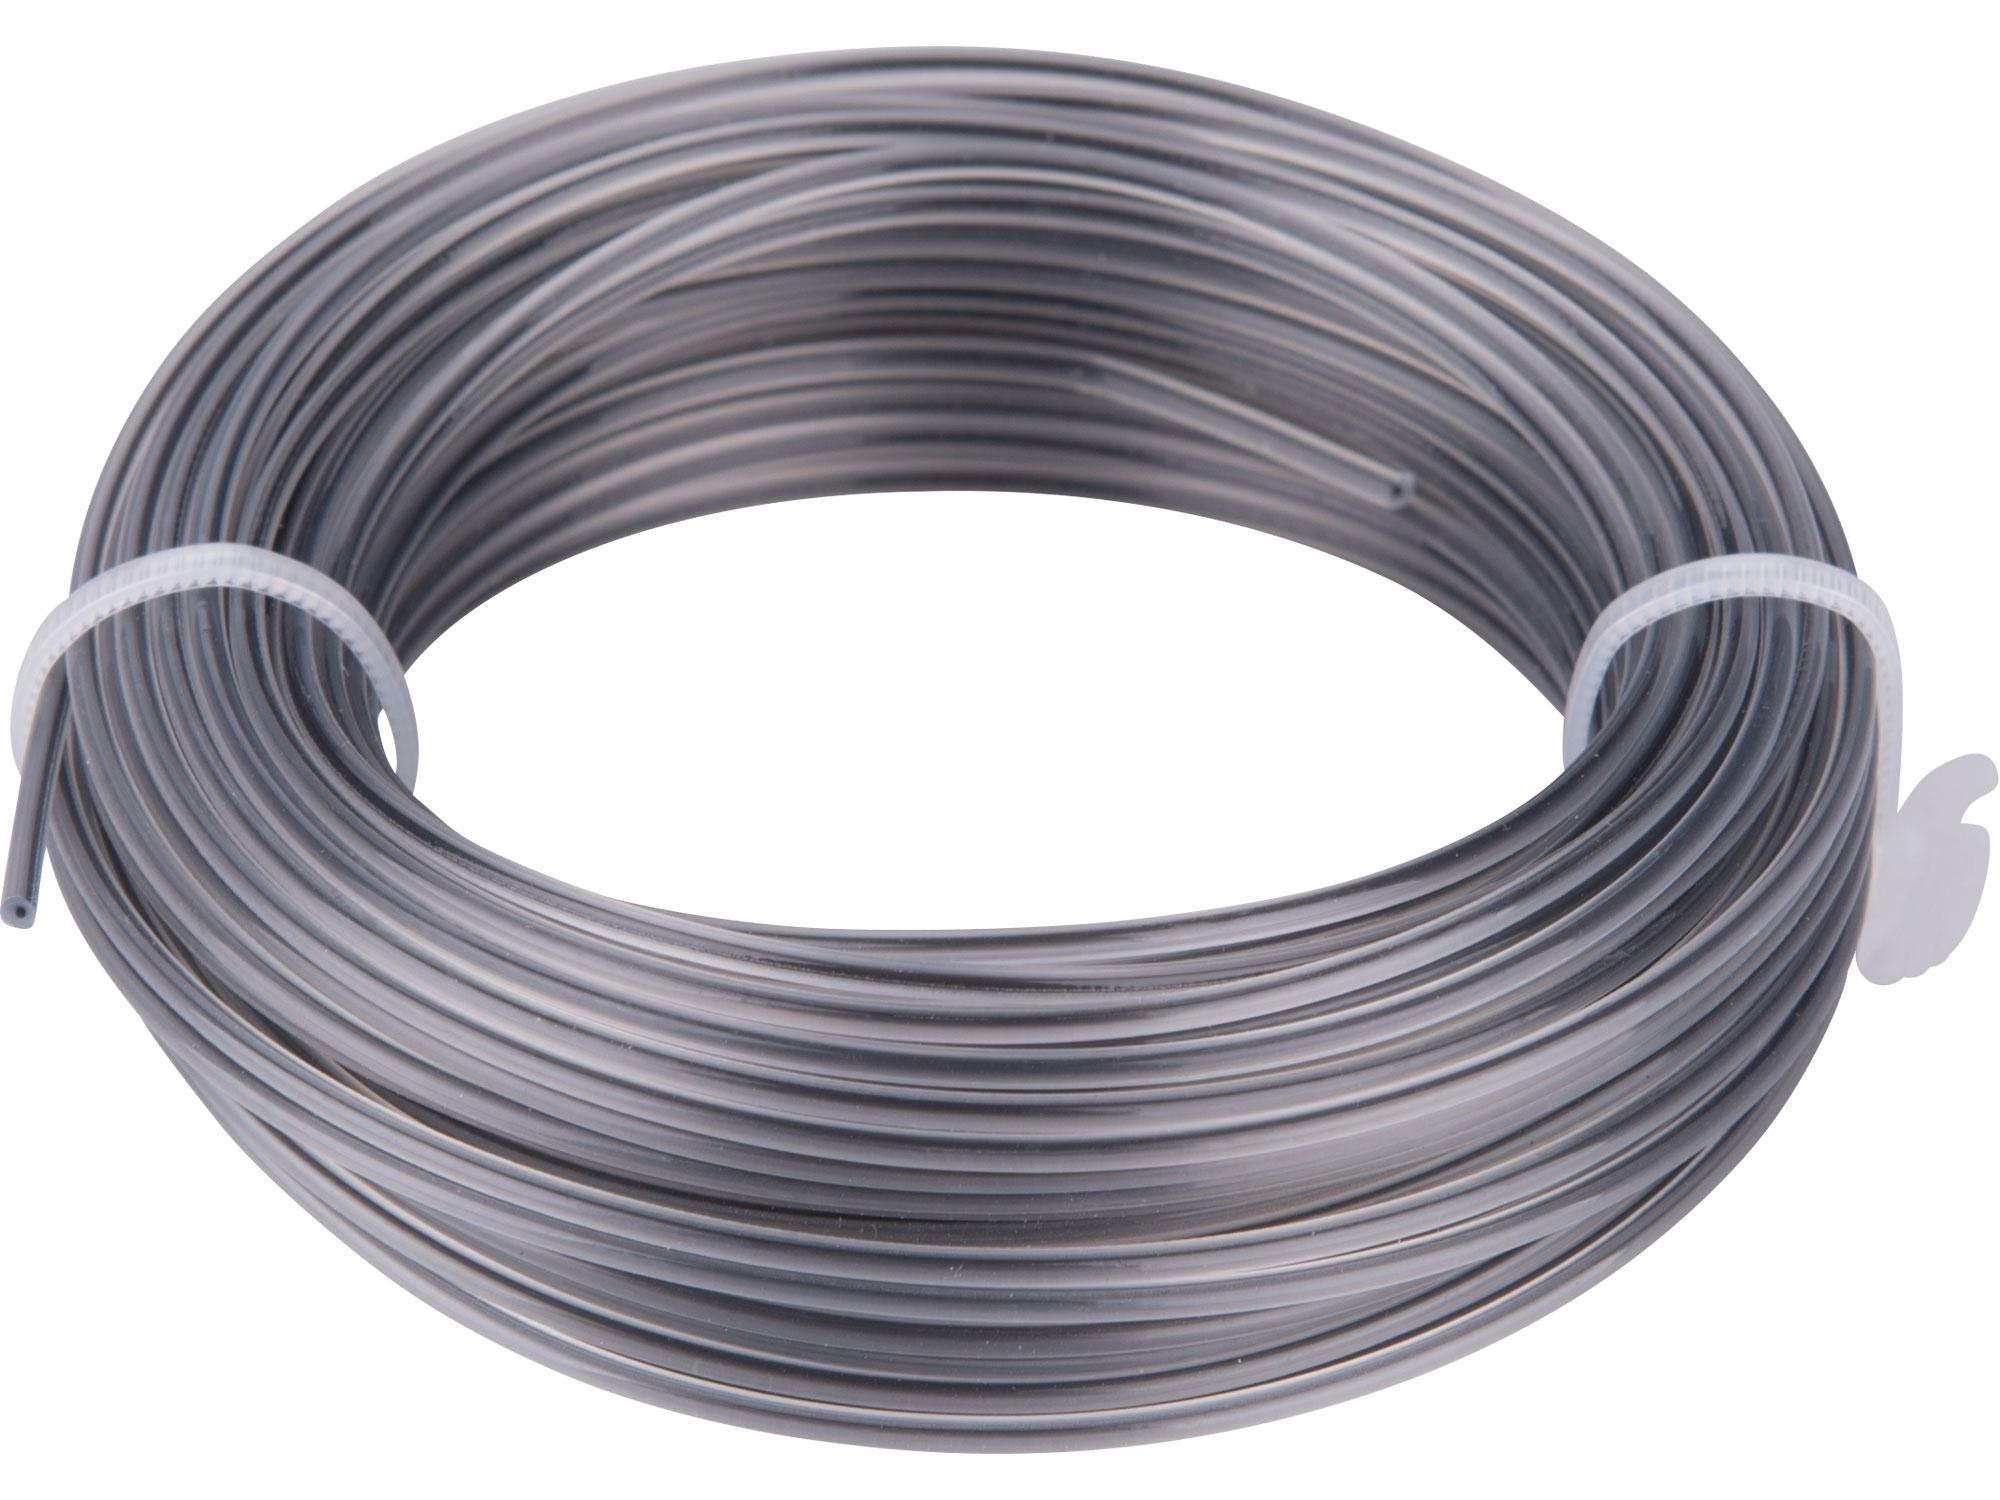 žací struna do sekačky s jádrem, kruhový profil, 1,6mm, 15m, PA66